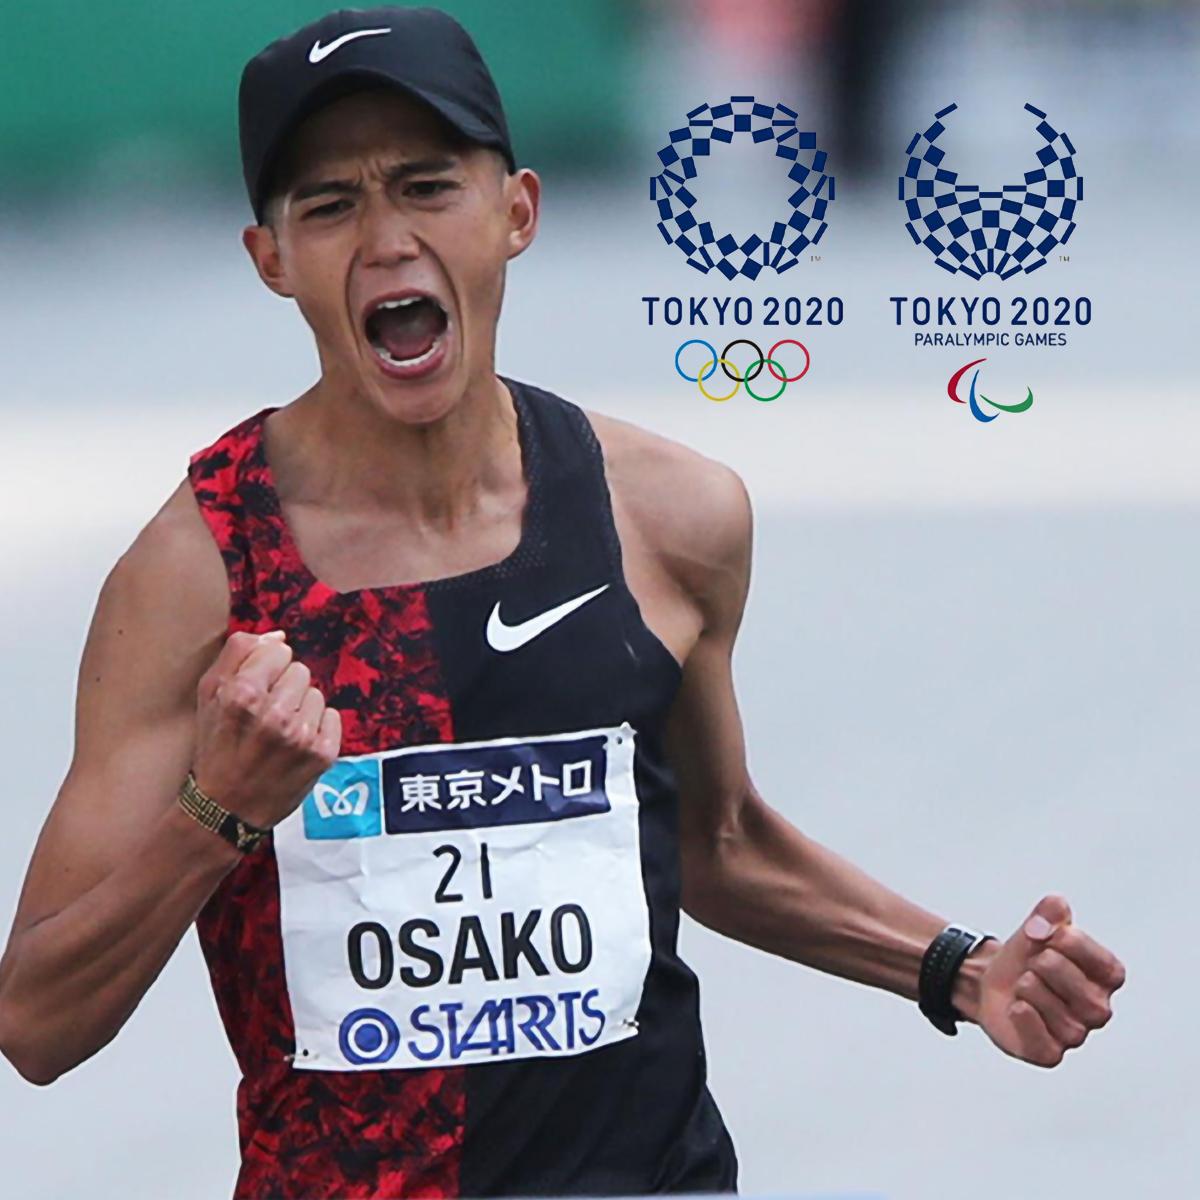 大迫傑選手、オリンピック出場おめでとうございます!